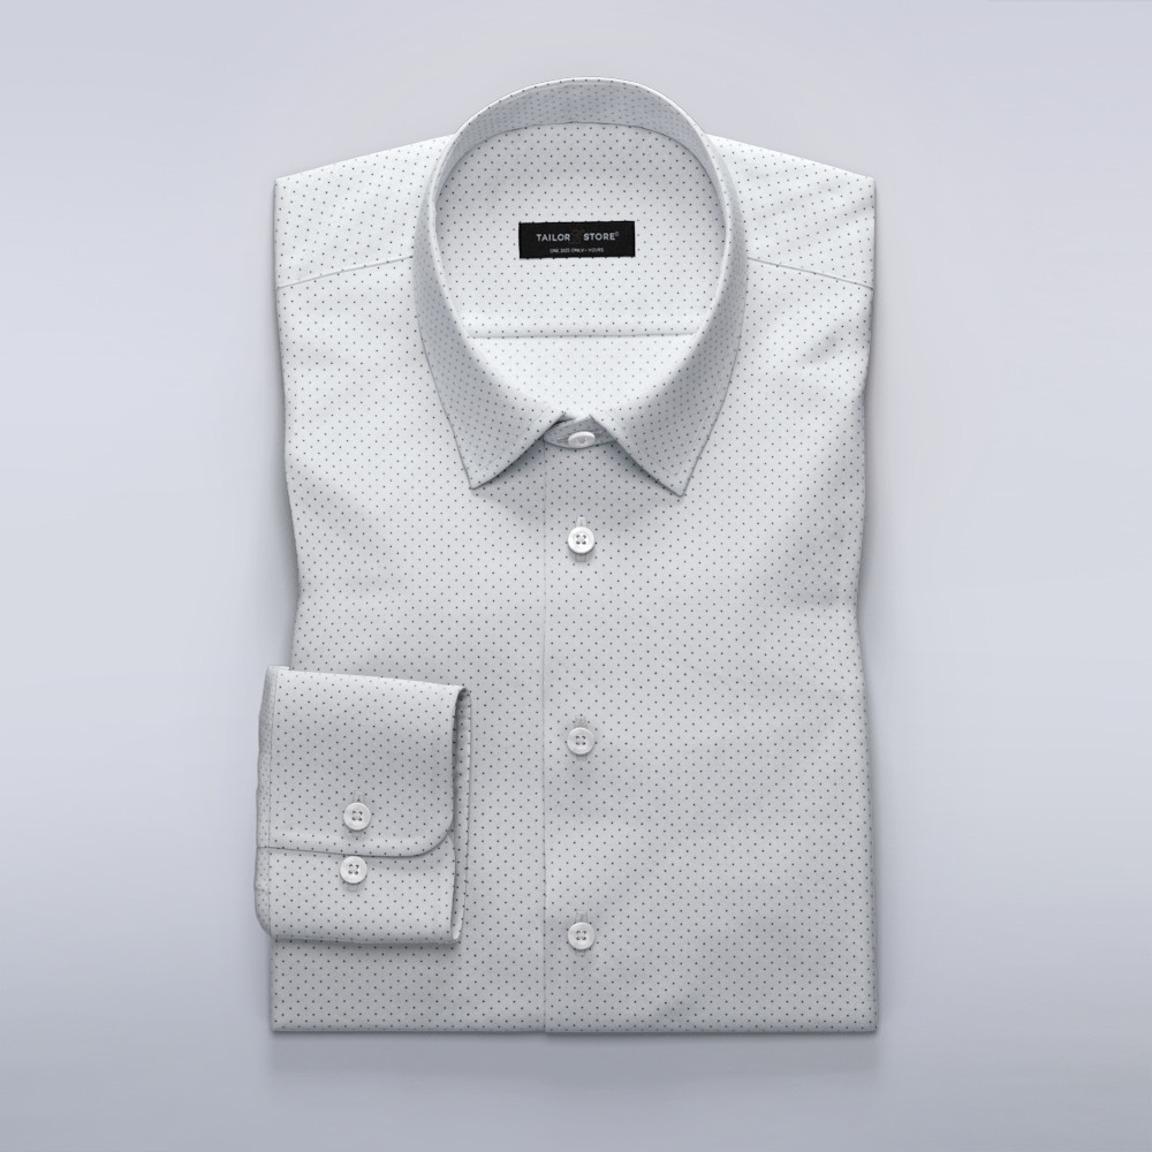 Weiß/navy gepunktetes Popline-Hemd